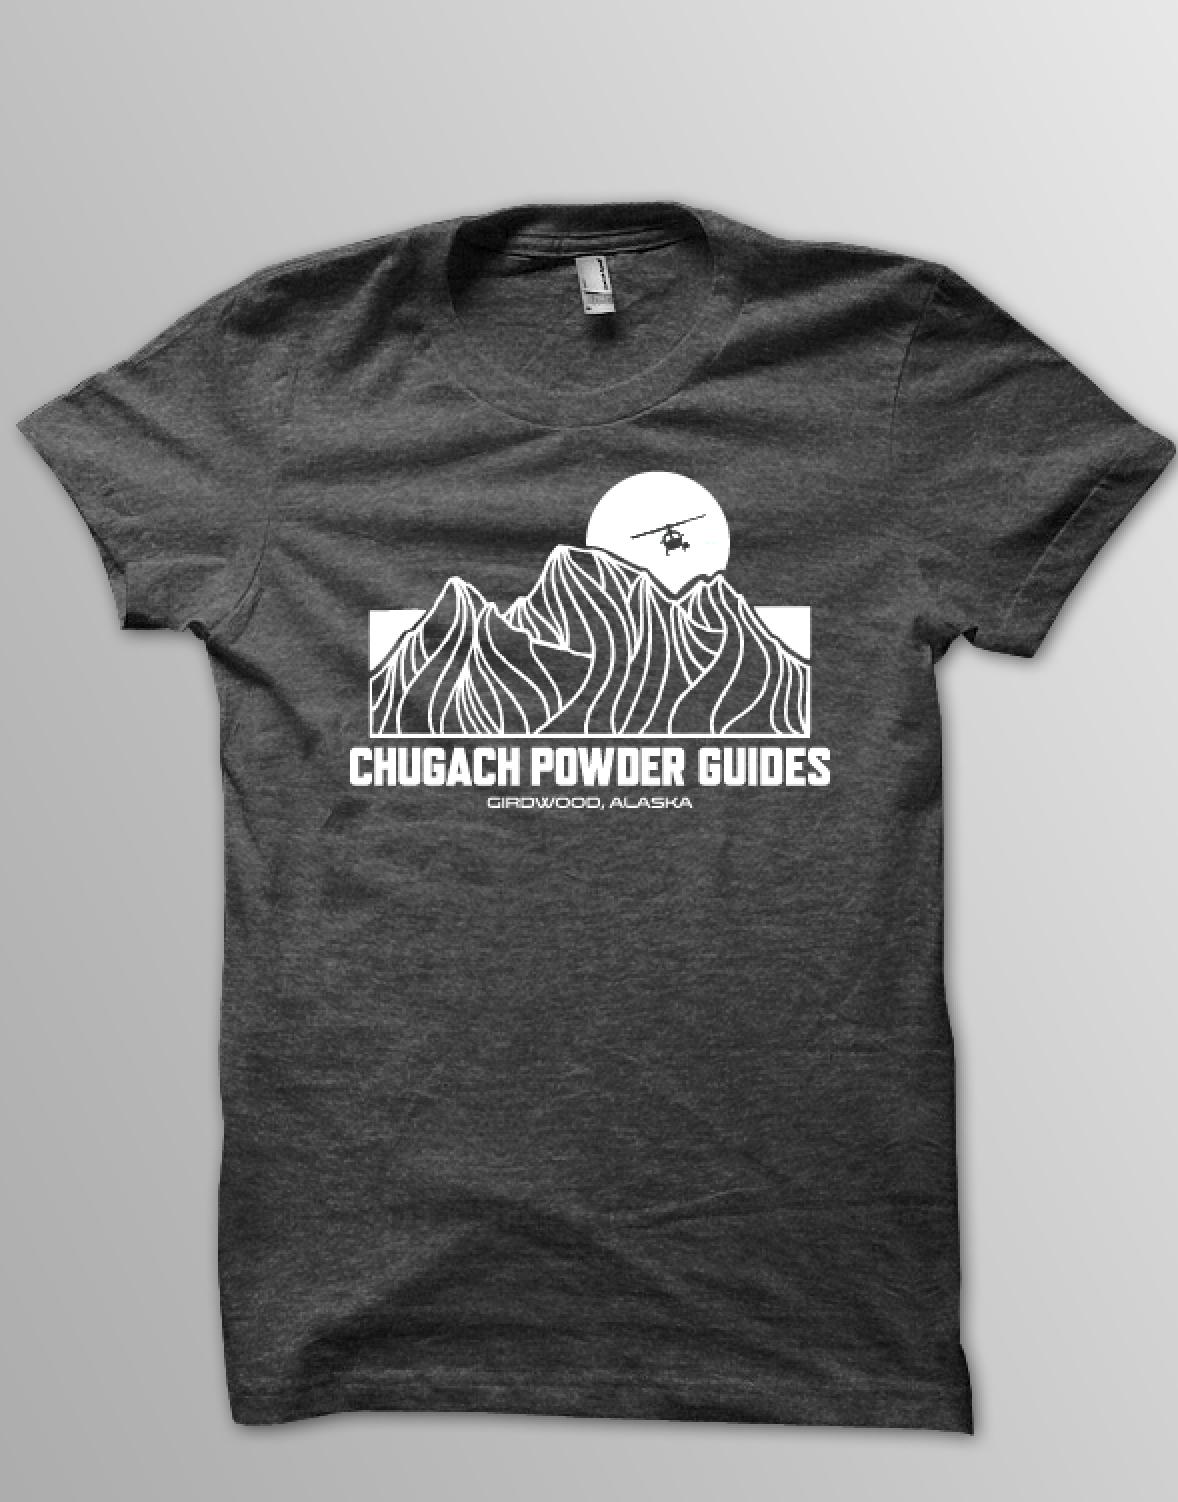 Chugach Powder Guides Tee